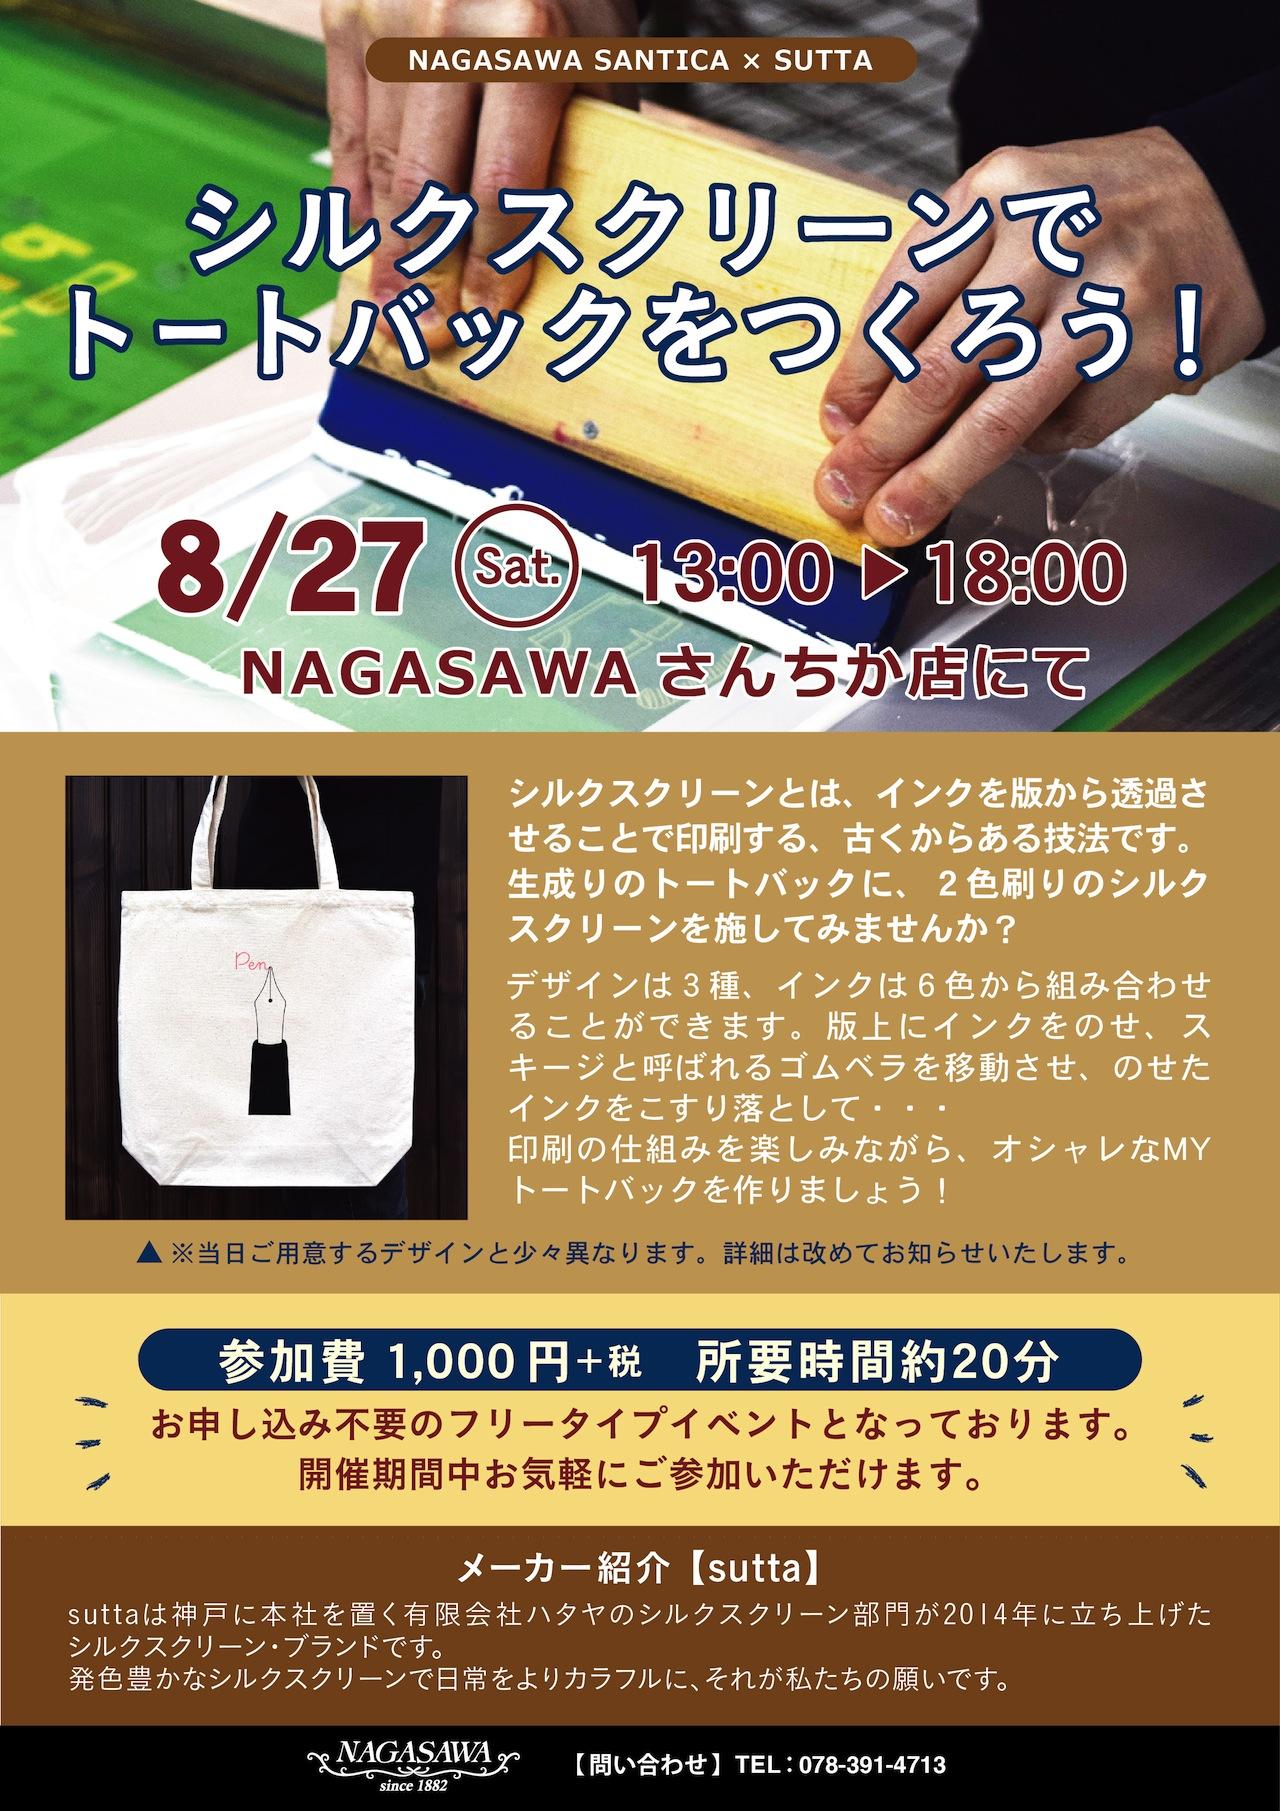 シルクスクリーンでトートバッグをつくろう! @NAGASAWAさんちか店